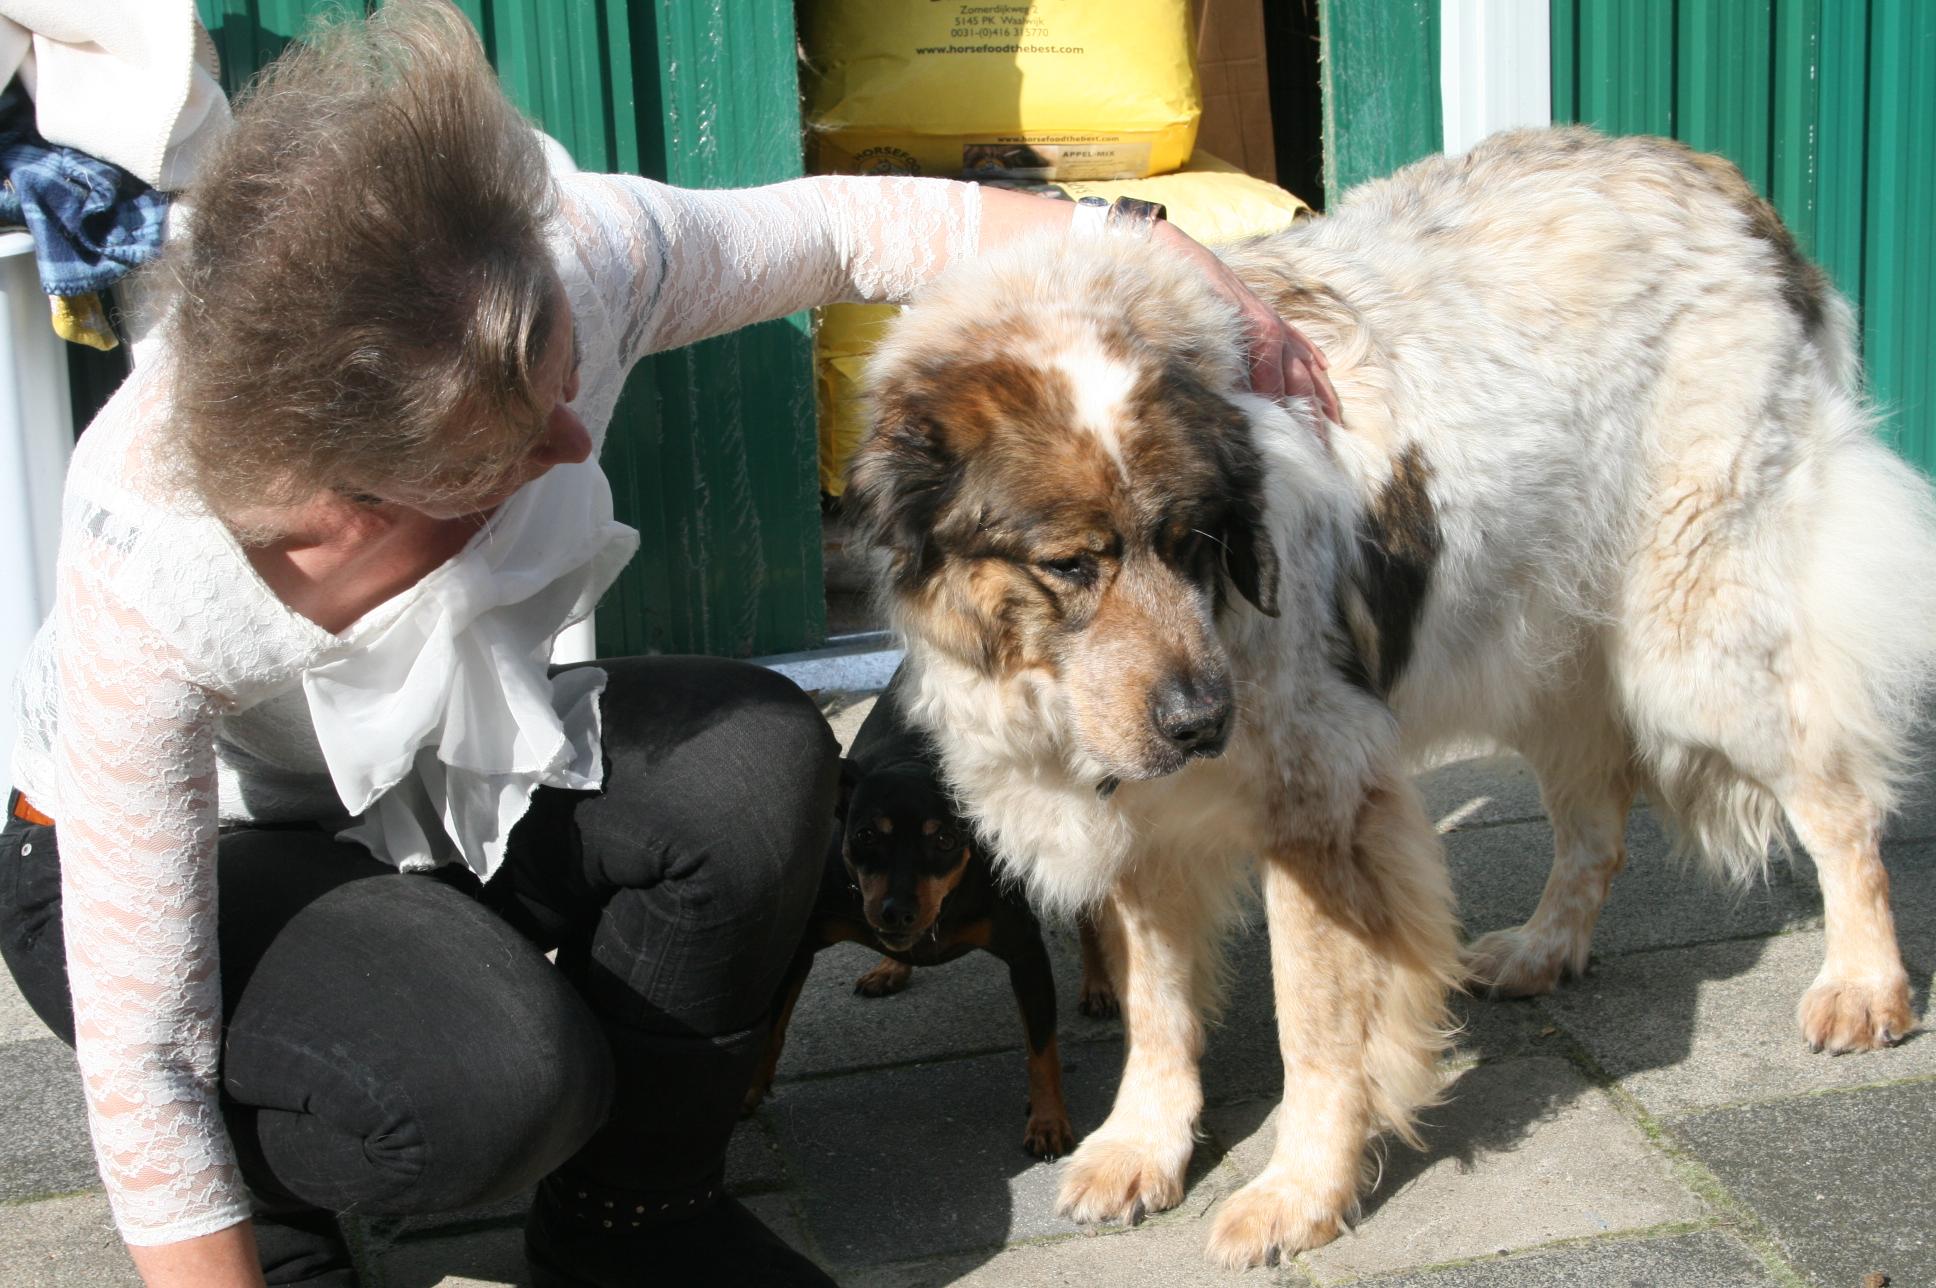 Krycha (grote hond) en Roxy (kleine hond)